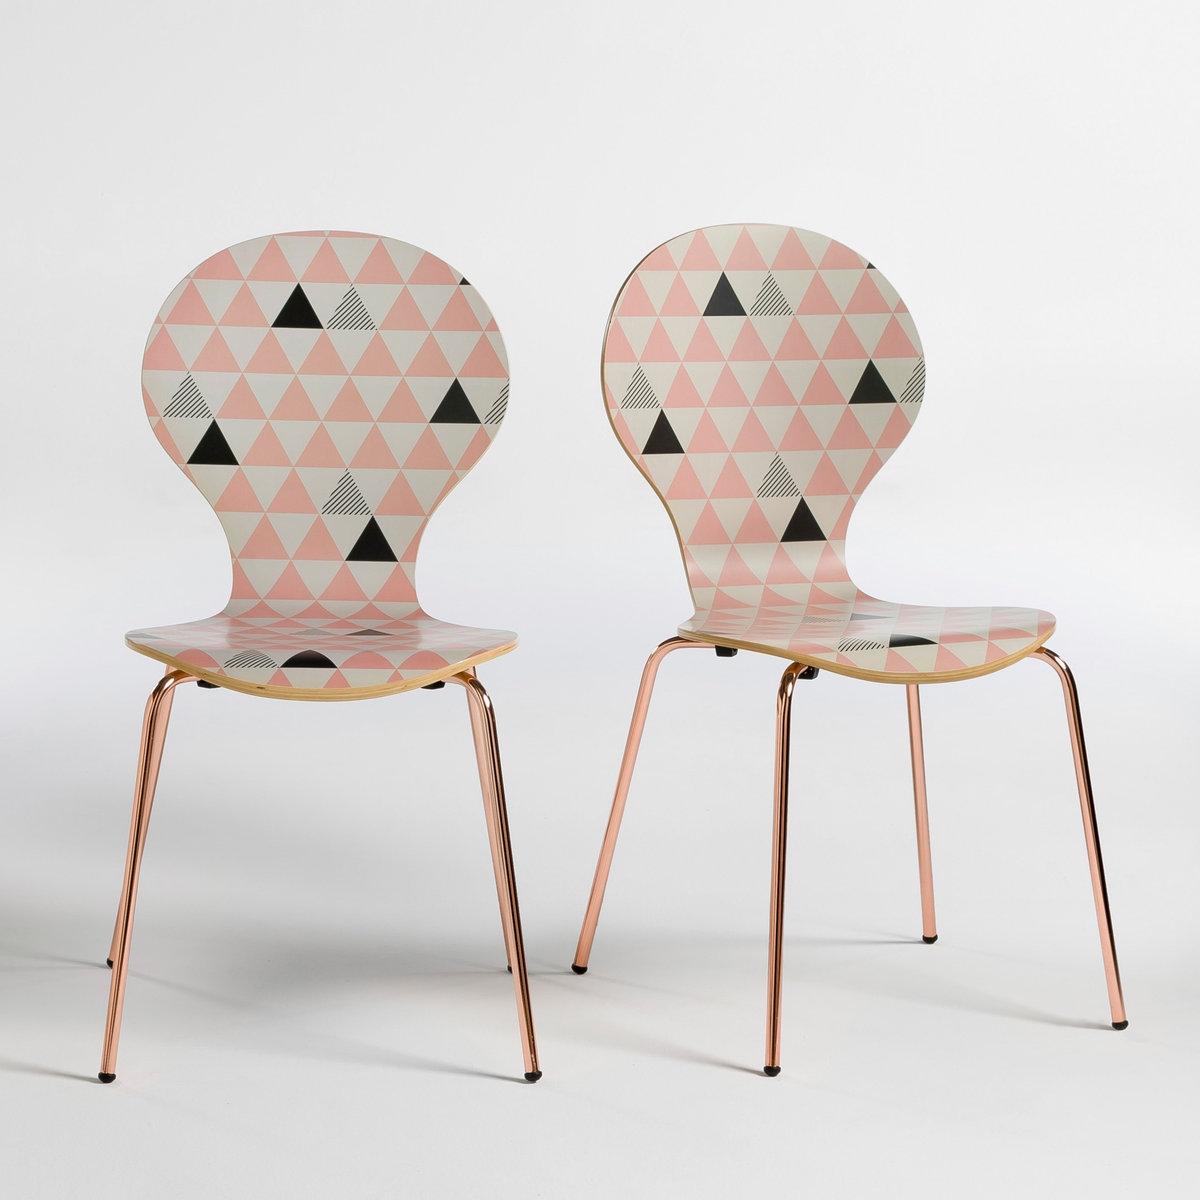 Комплект из 2 стульев с рисунком